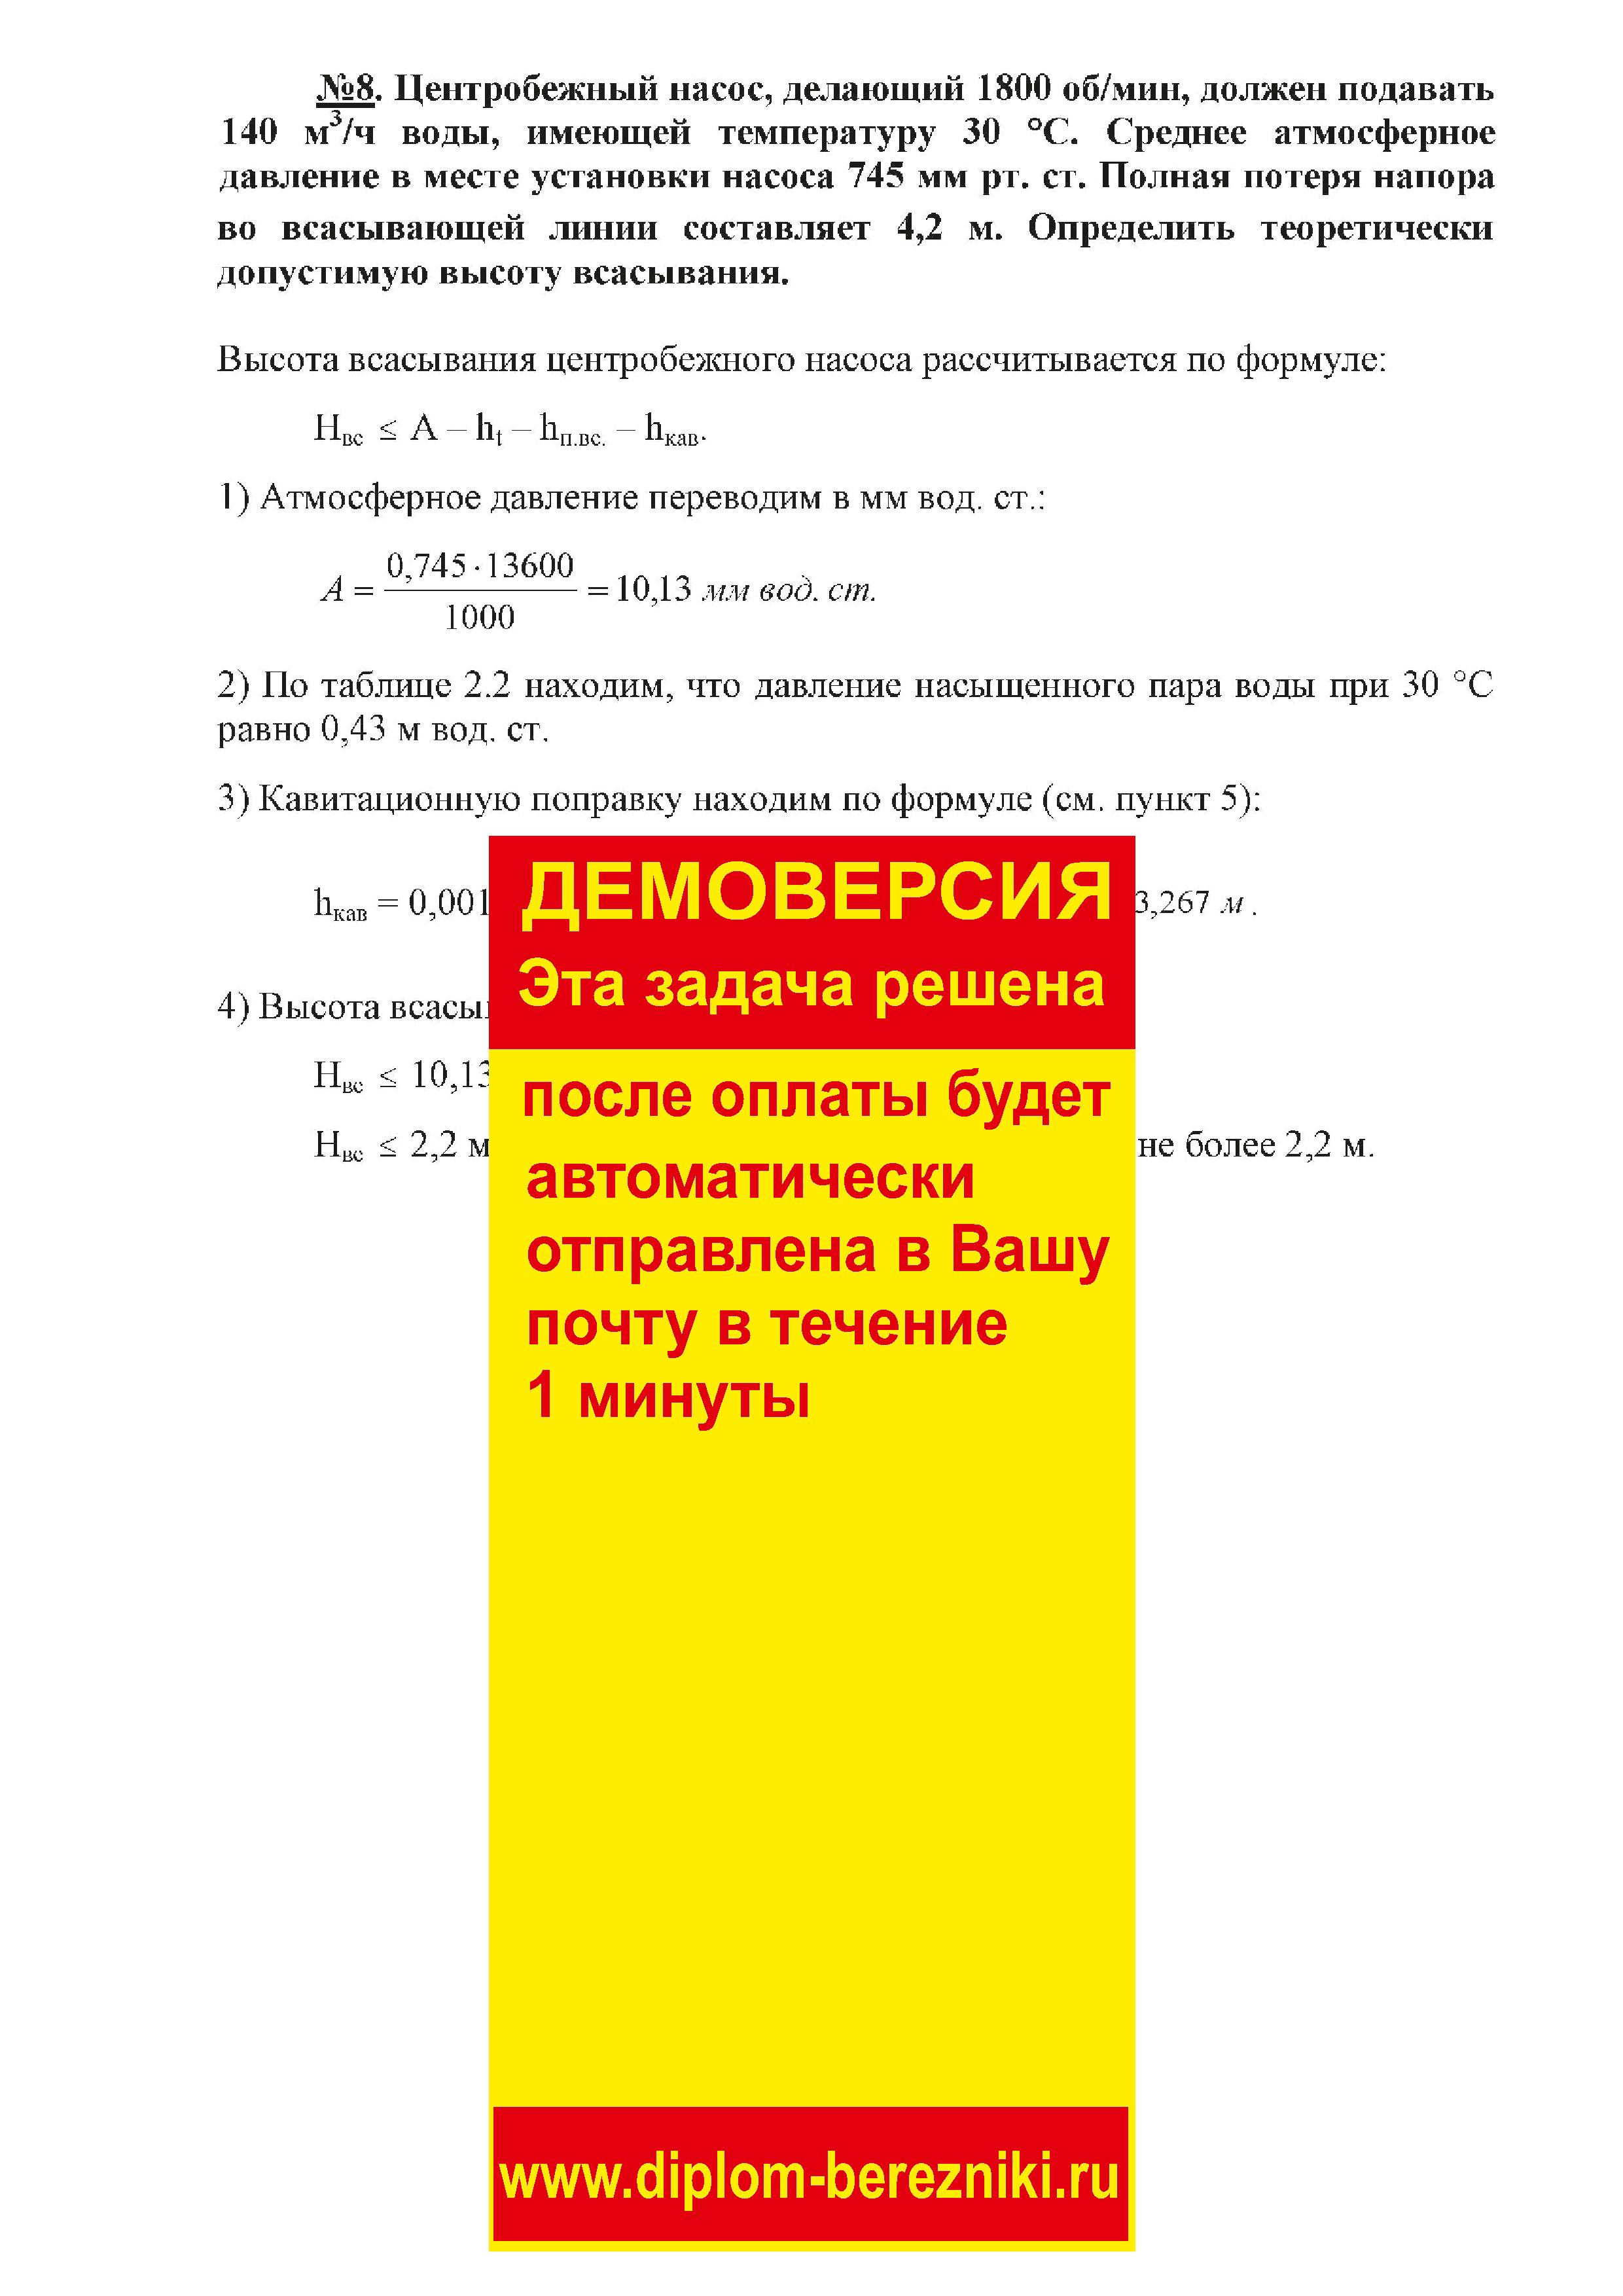 Решение задачи 2.8 по ПАХТ из задачника Павлова Романкова Носкова